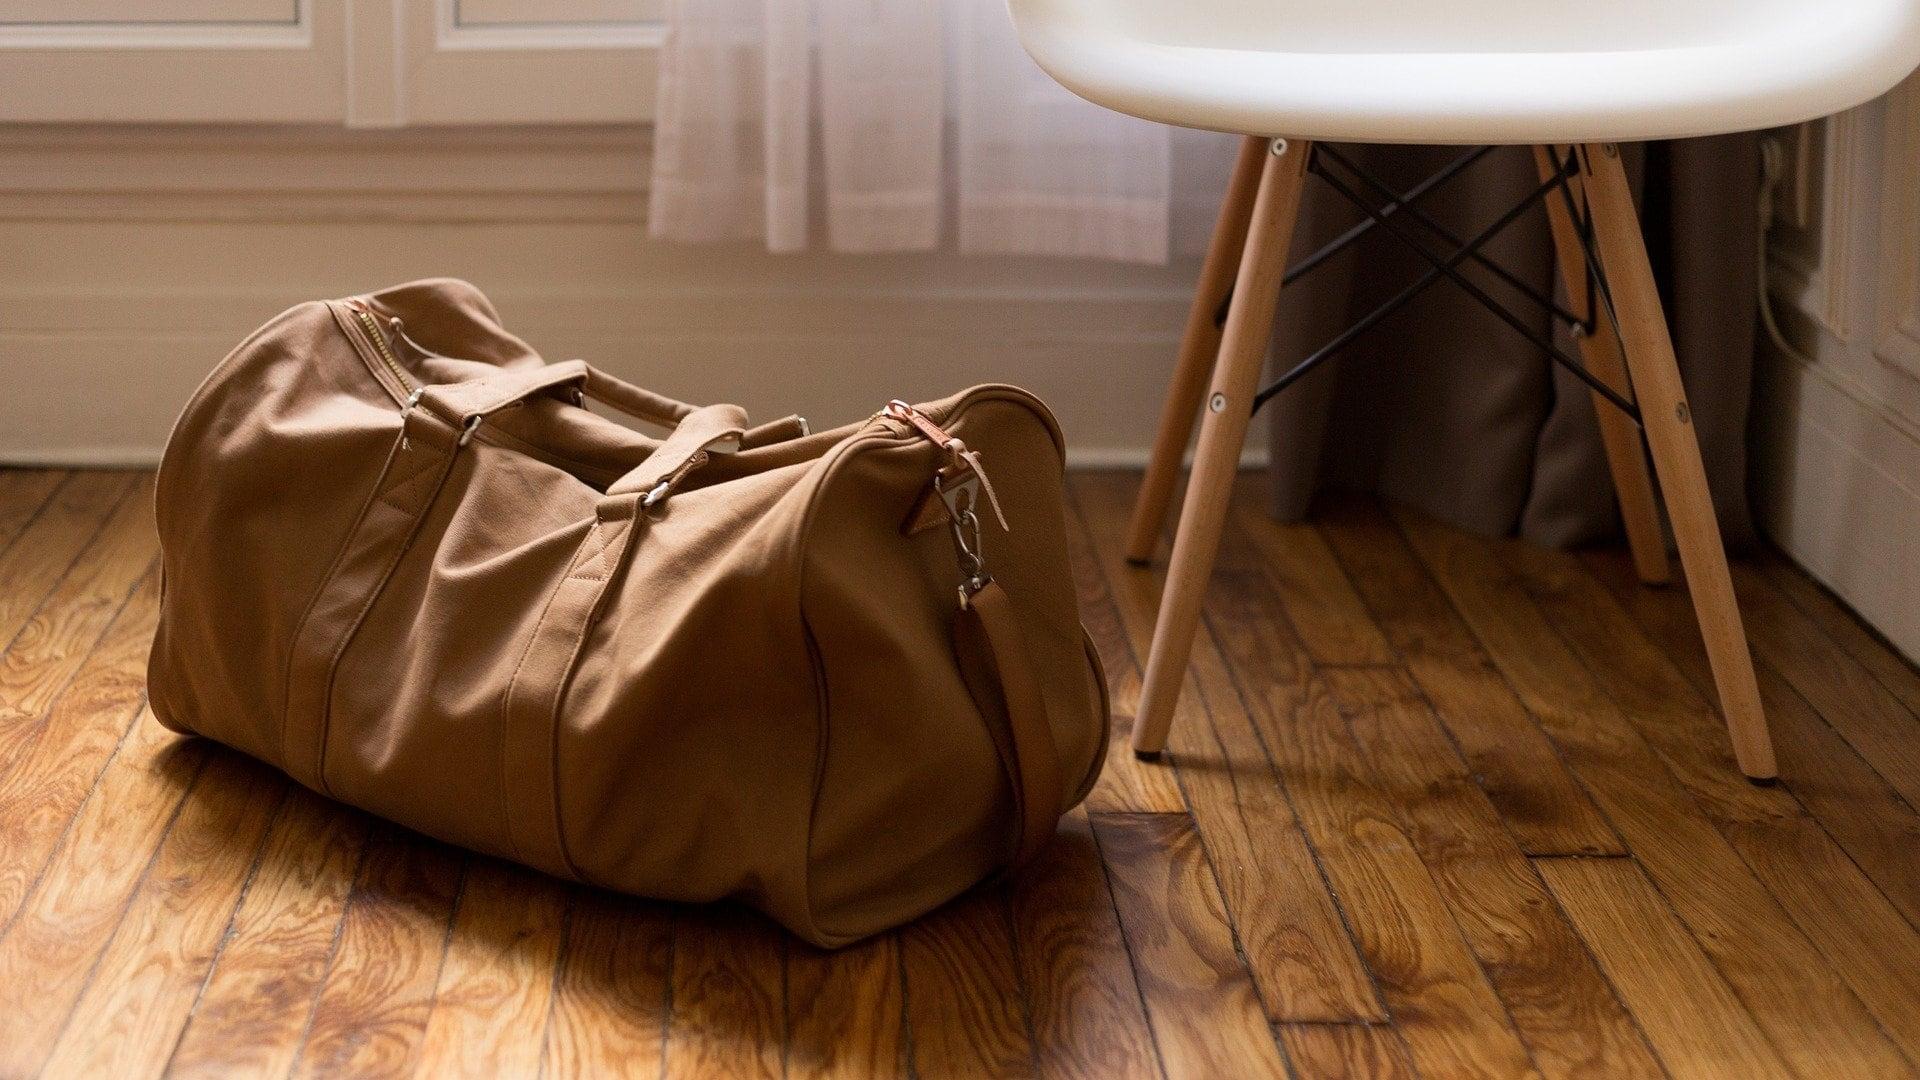 Braune Reisetasche steht auf einem Holzboden